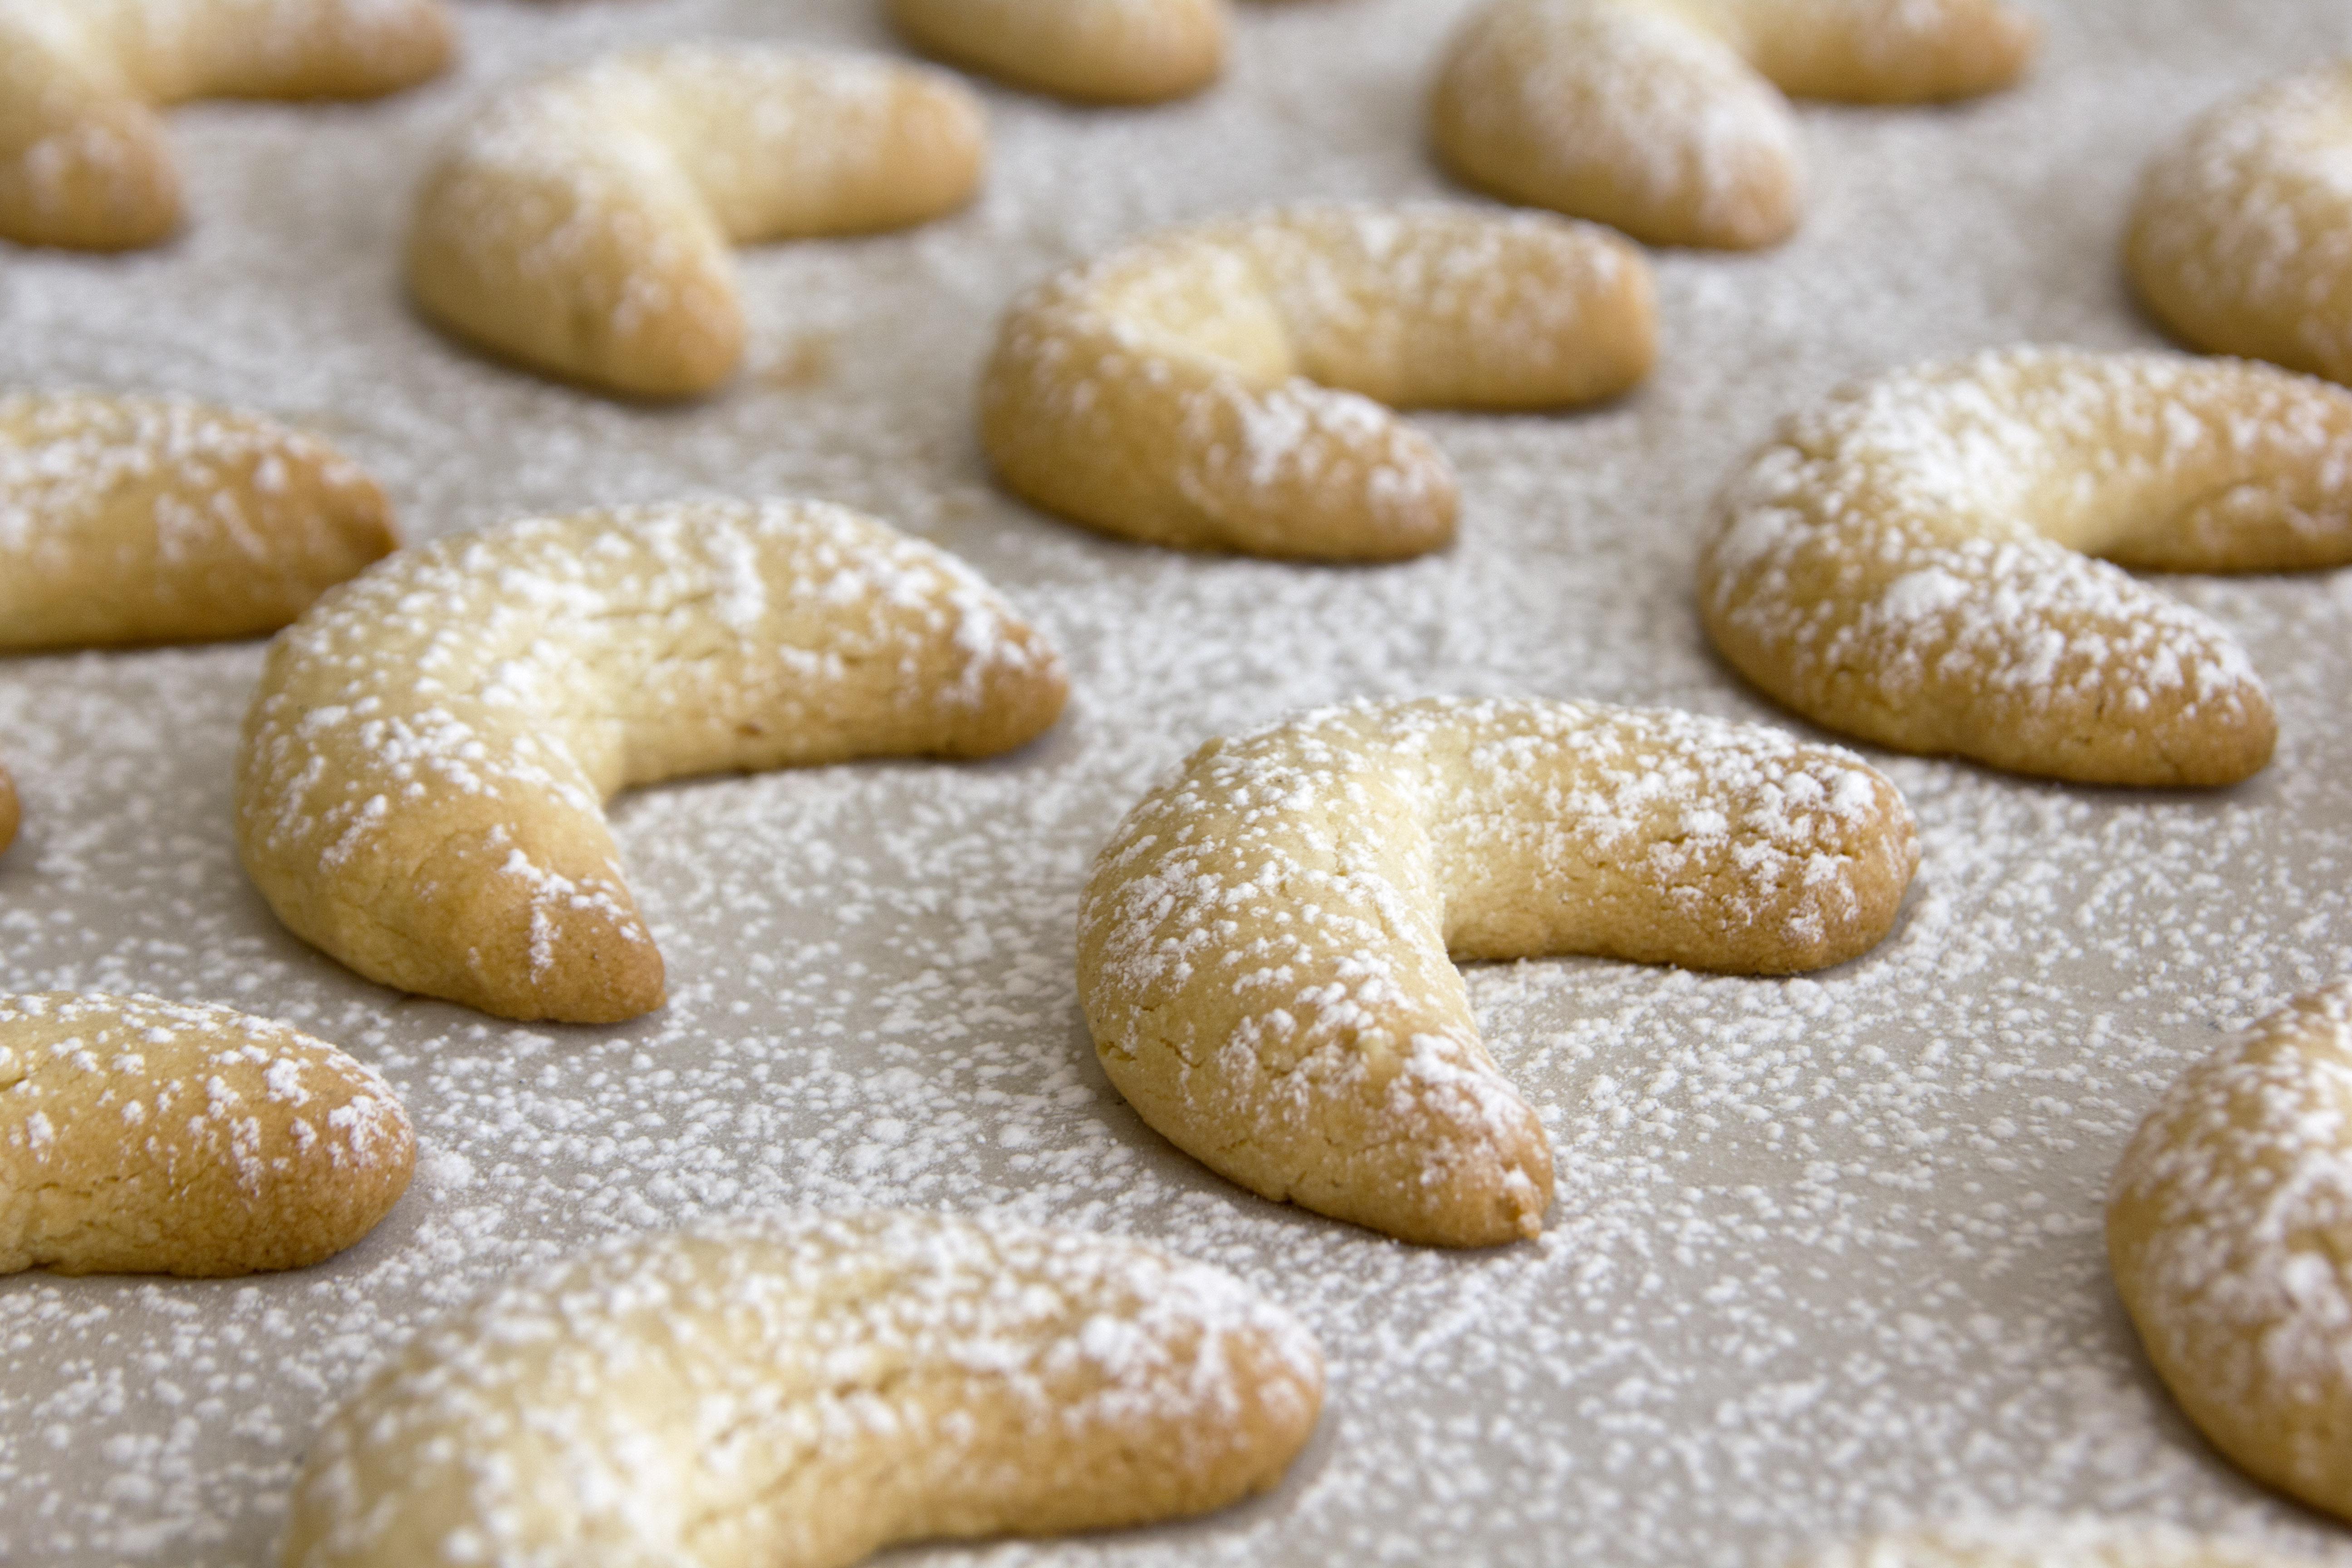 עוגיות שקדים ממכרות | צילום: נטלי לוין